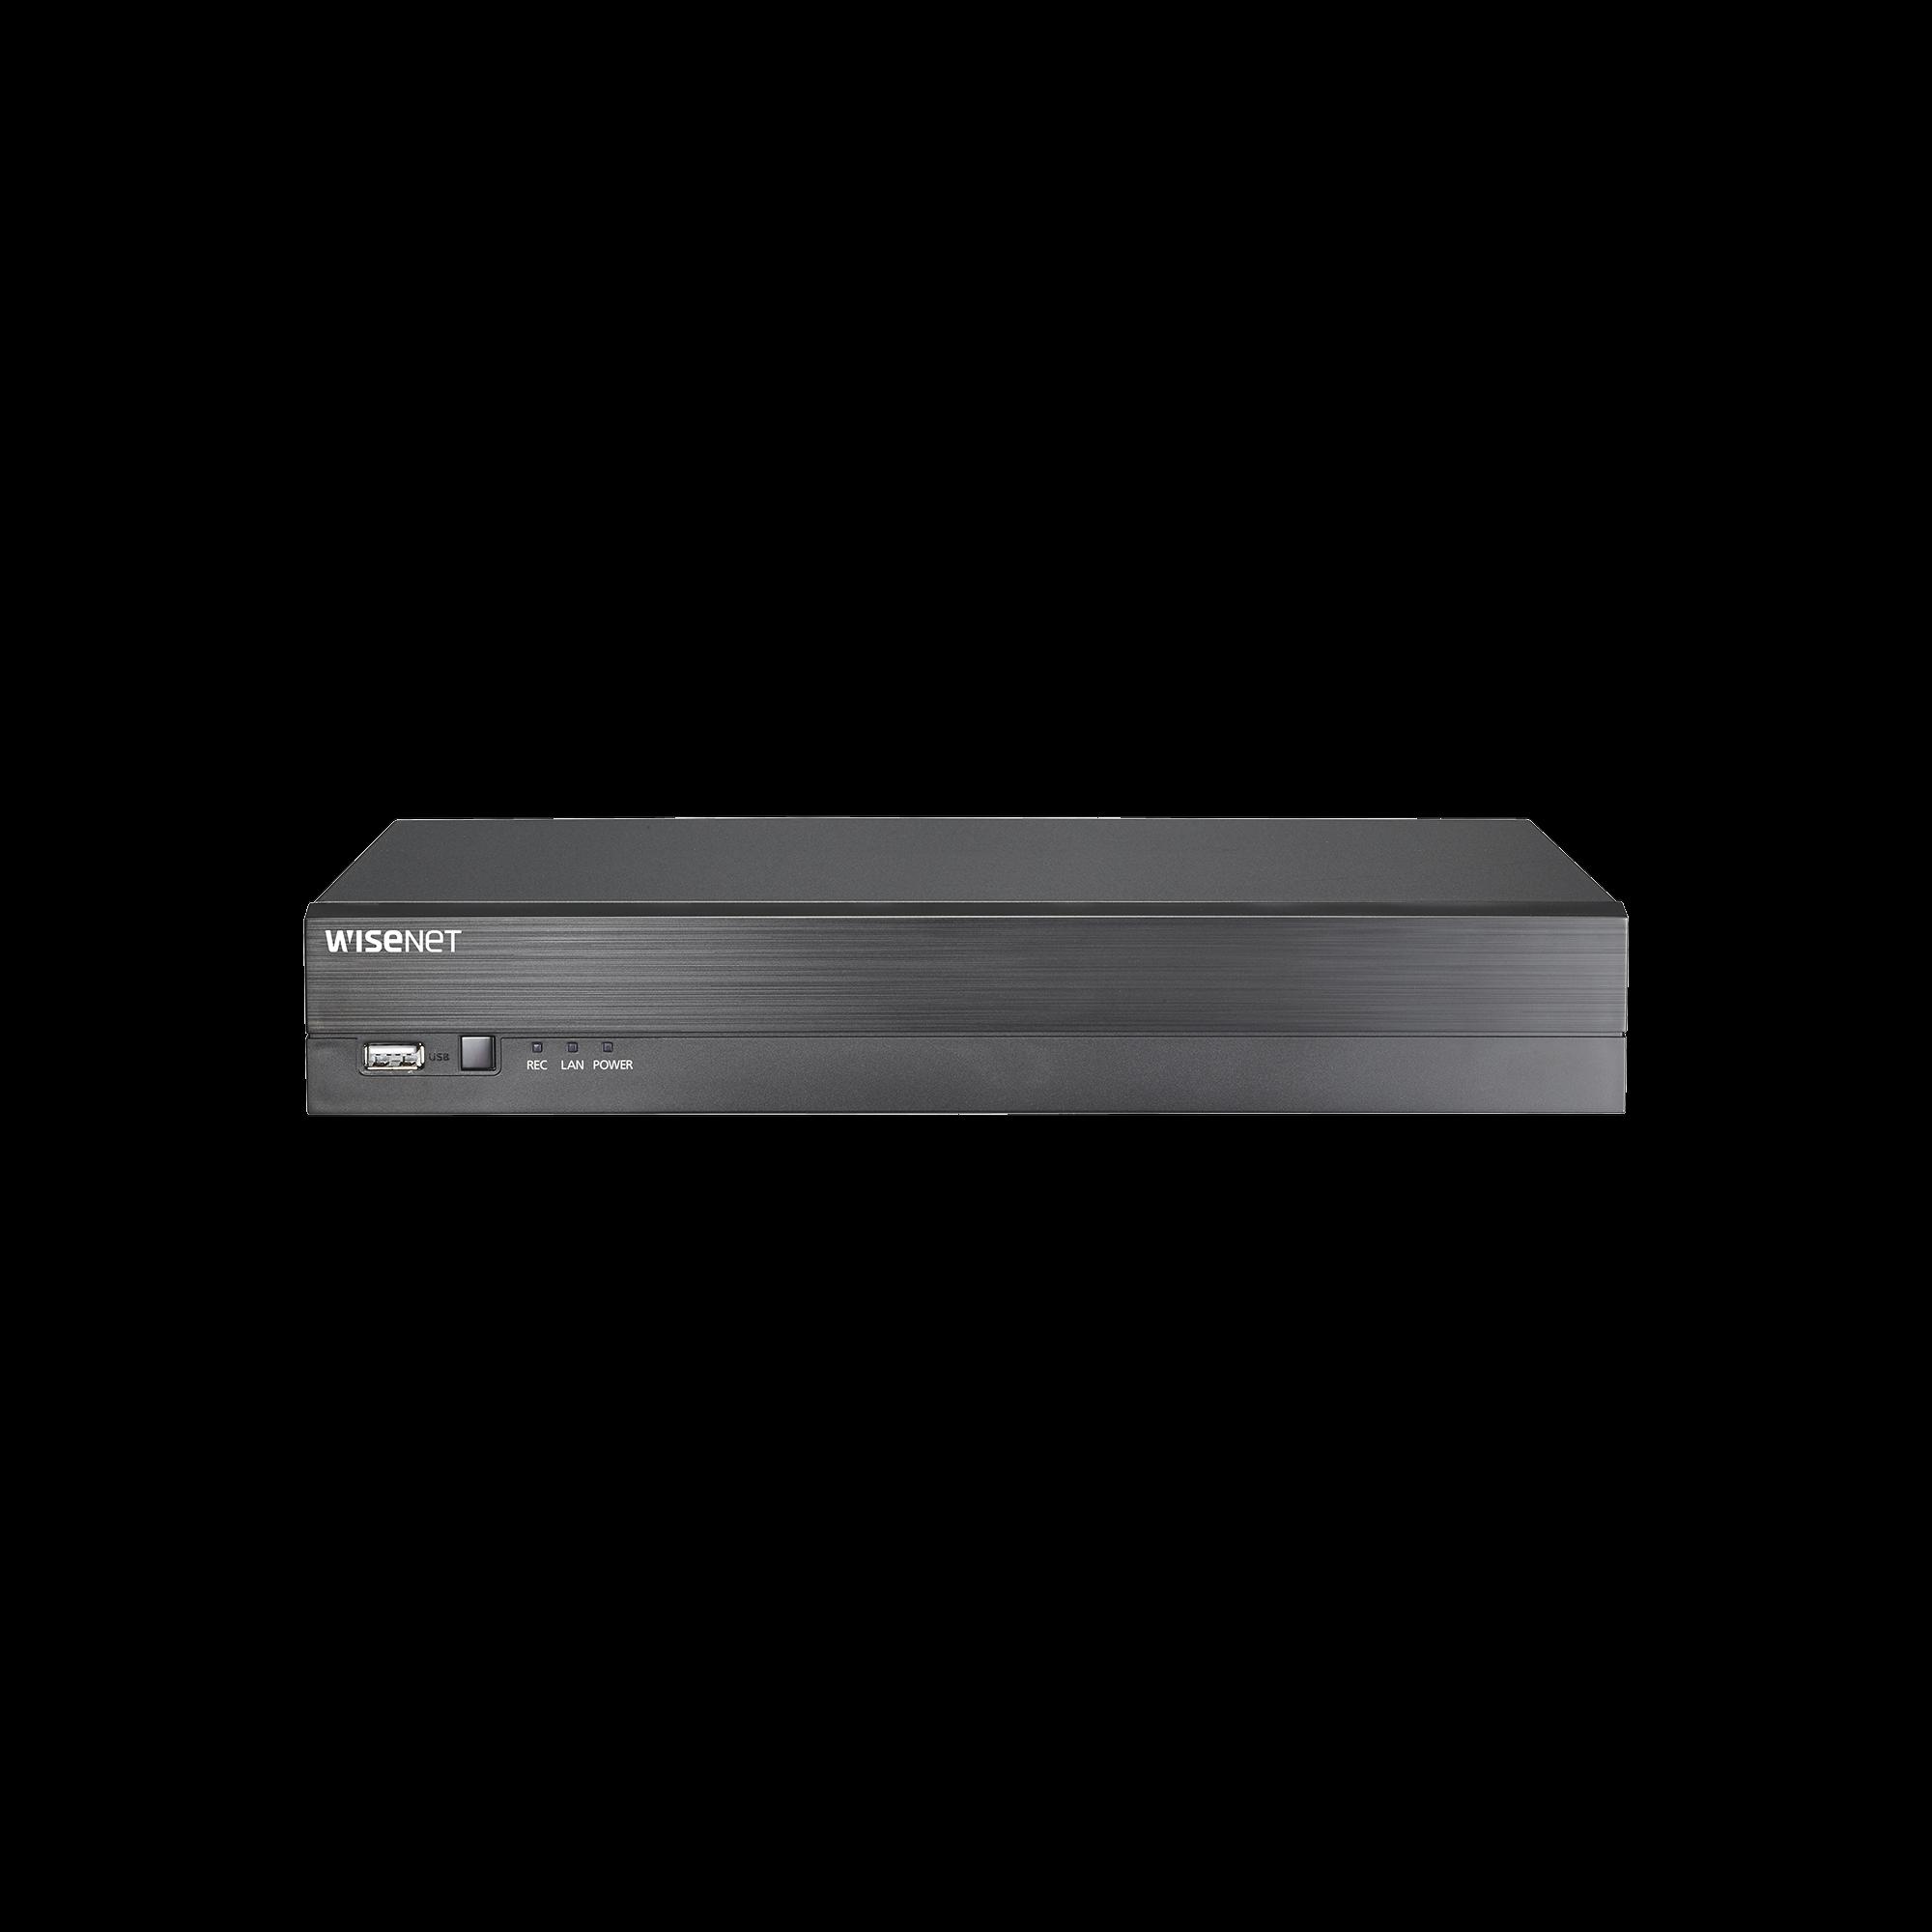 DVR 4 Canales hasta 4 Megapixel / Soporta 4 Tecnologías (AHD, TVI, CVI, CVBS) / 1 Entrada y Salida de Audio / 4 Entradas y 1 Salida de Alarma / Incluye 6TB